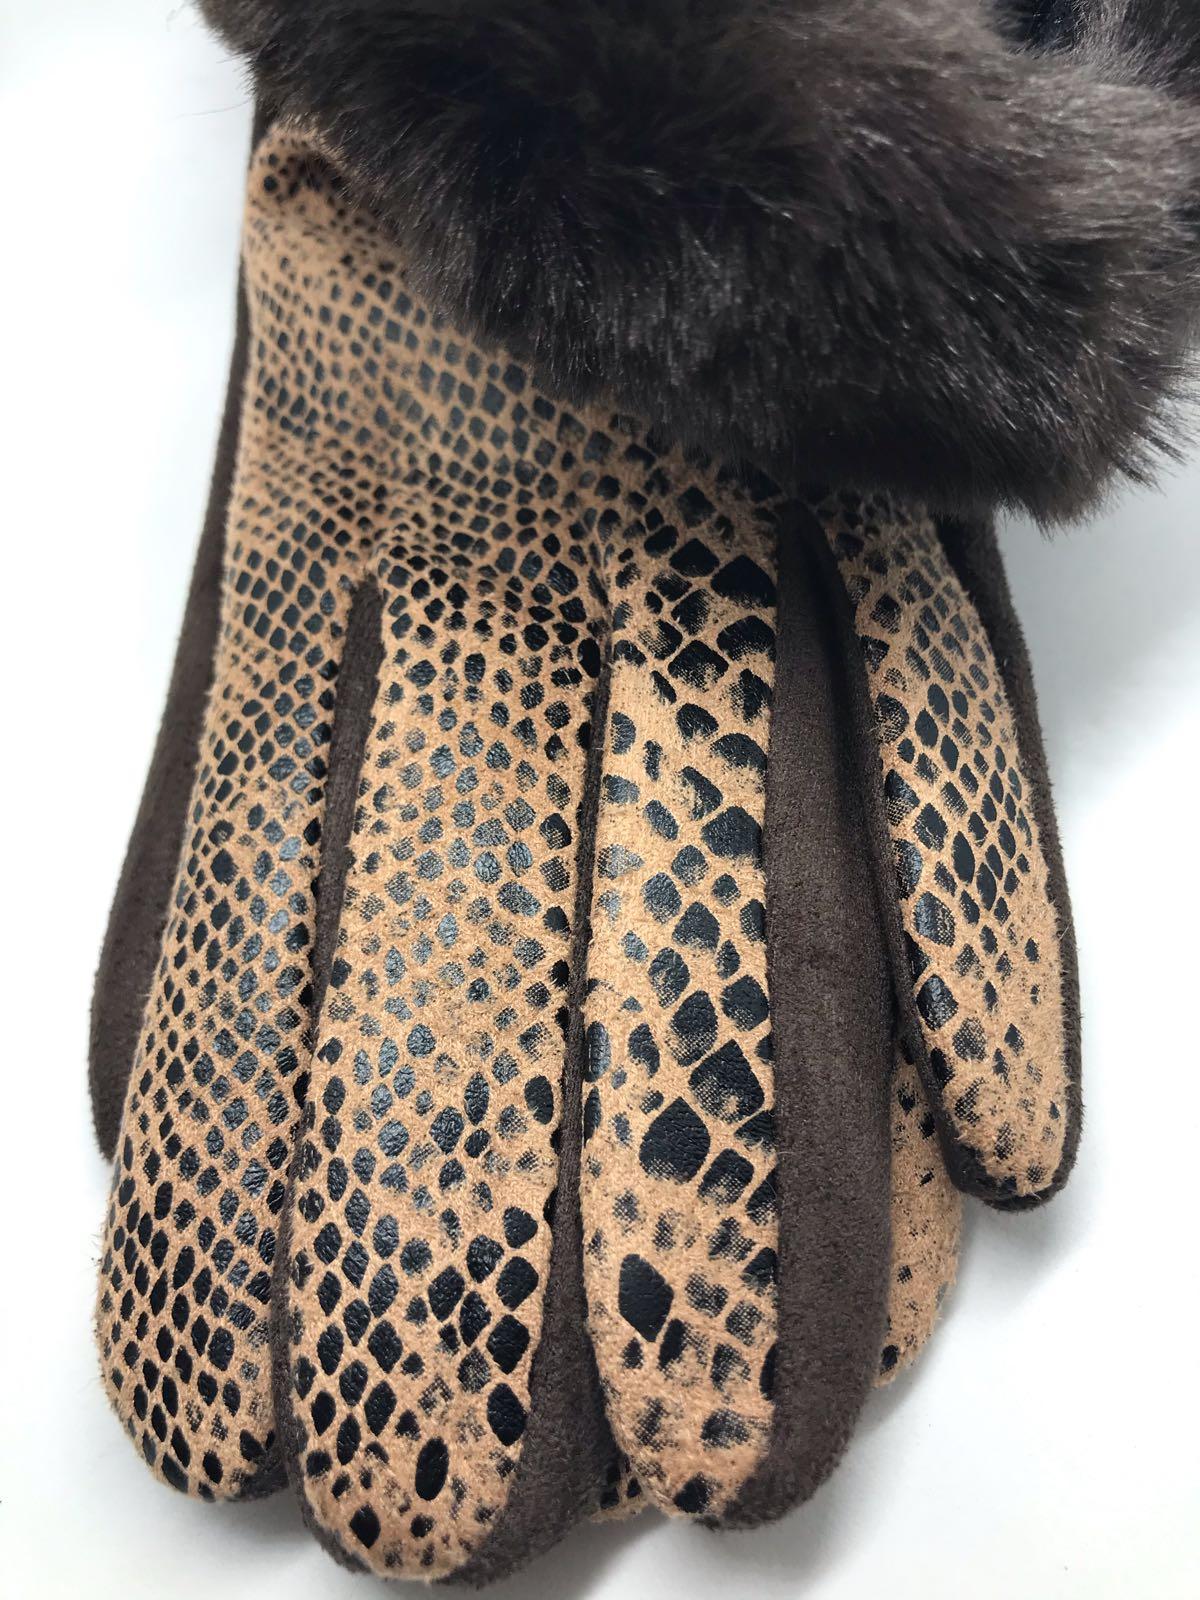 Msh gloves fur lined